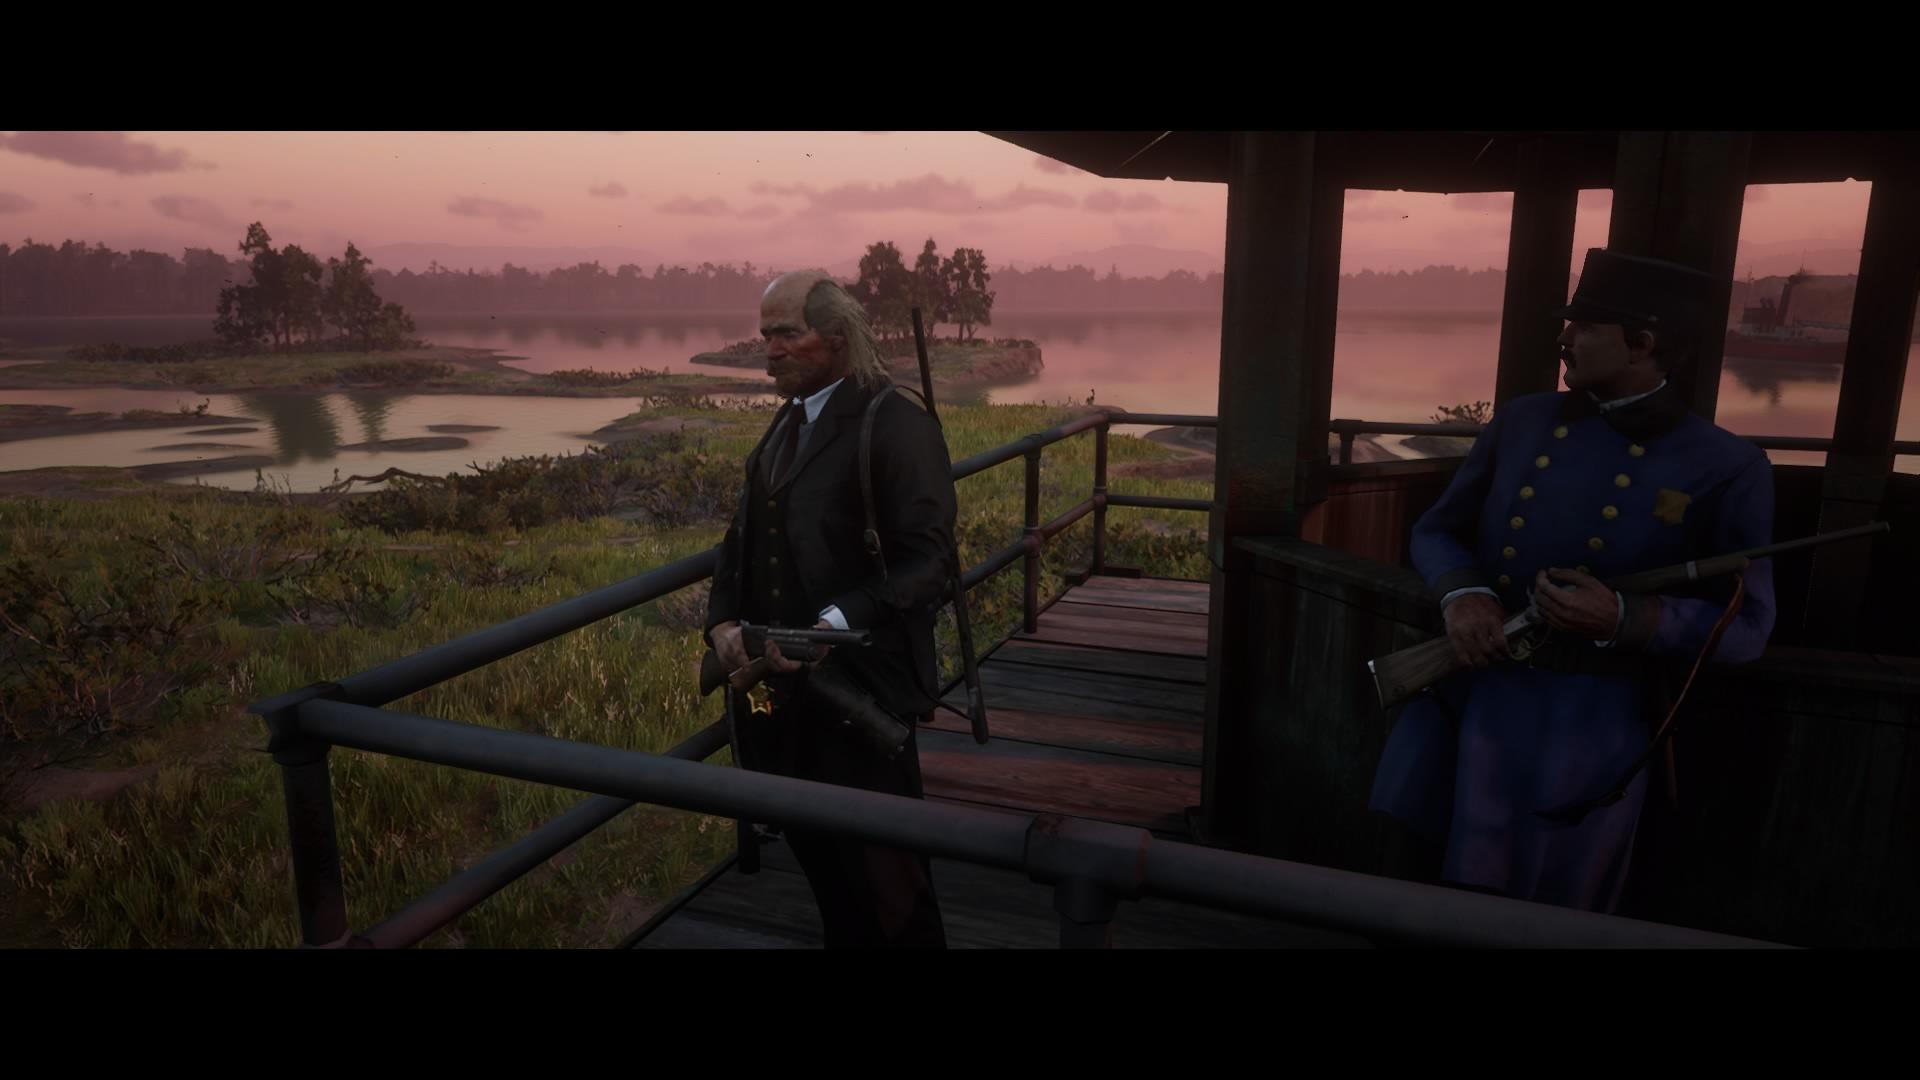 Red-Dead-Redemption-2-20190630152743.jpg